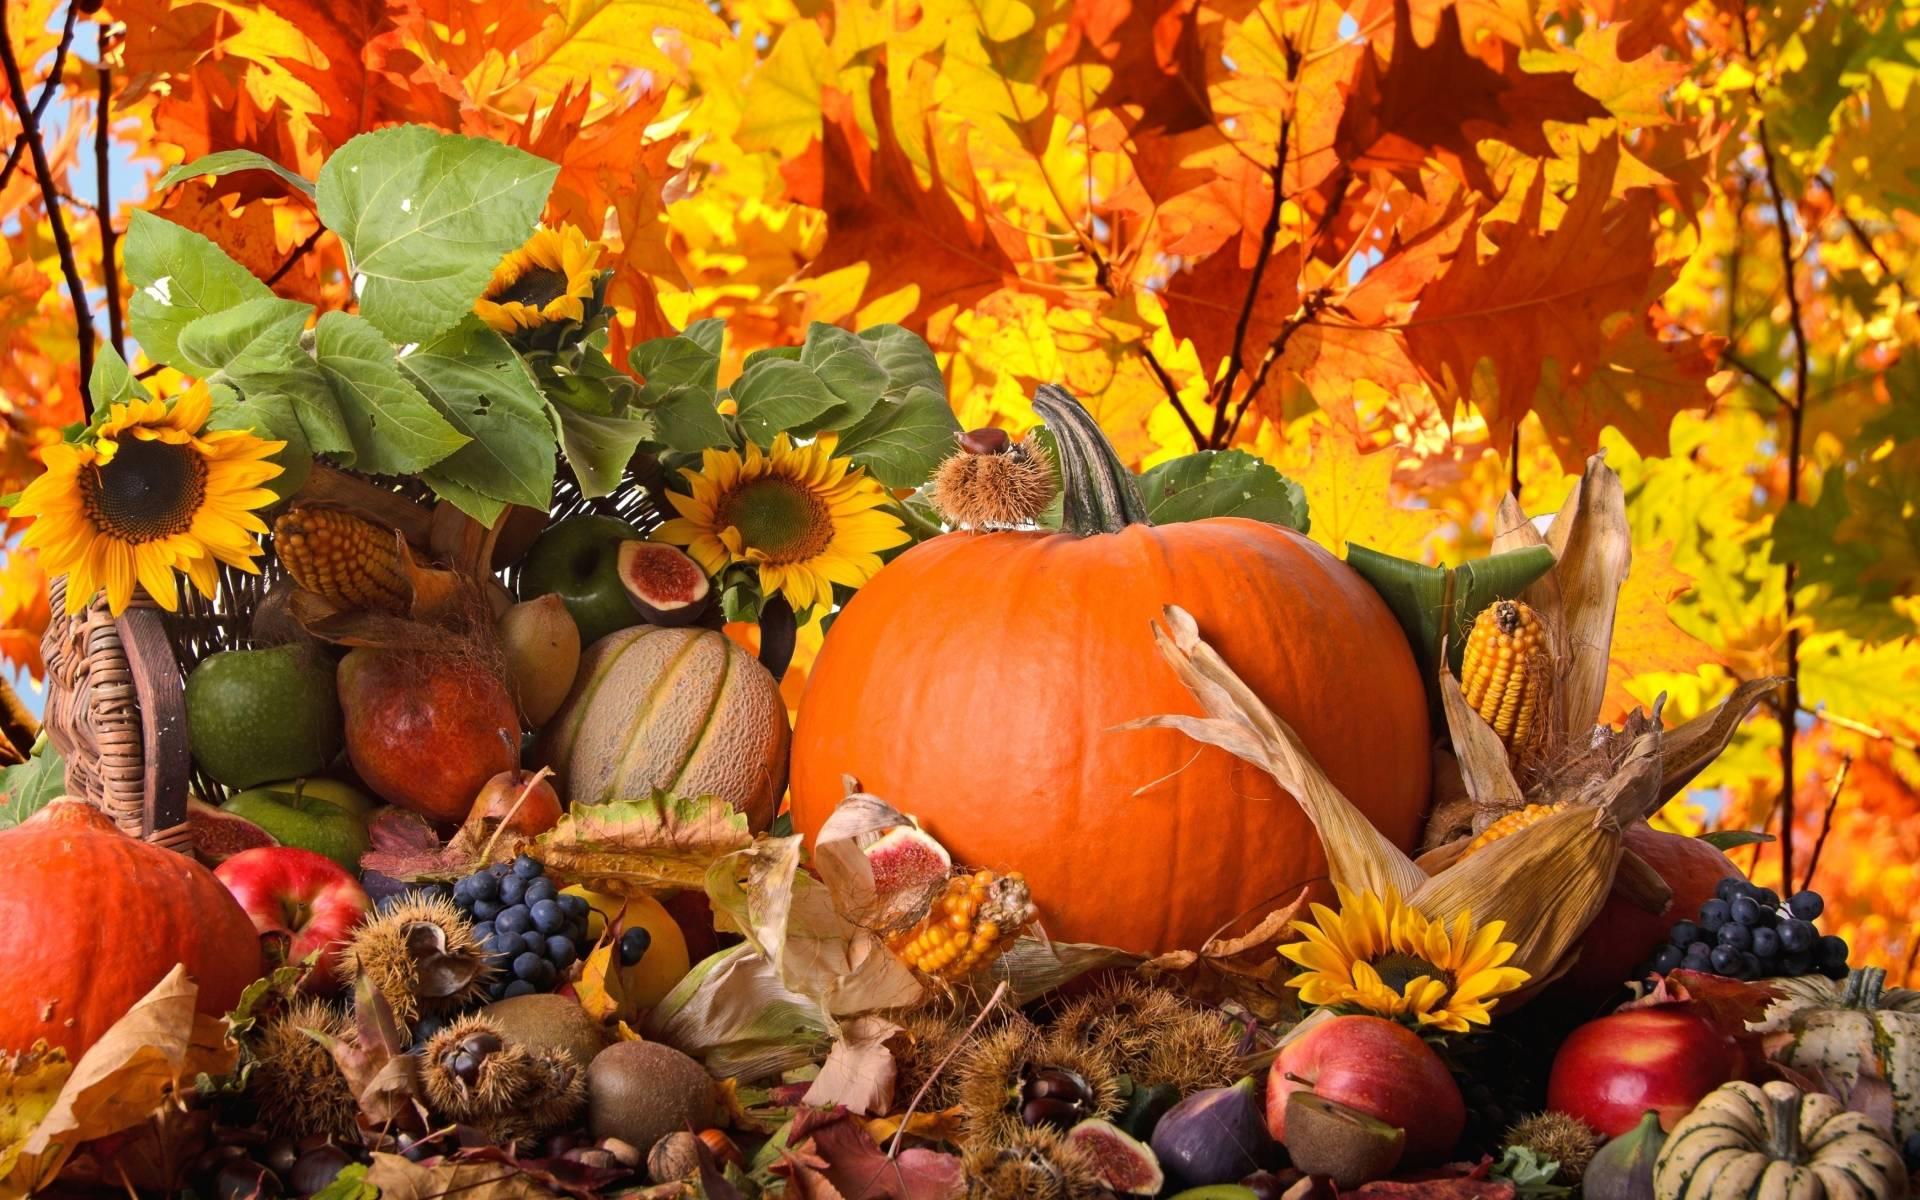 autumn wallpaper 007 free - photo #47